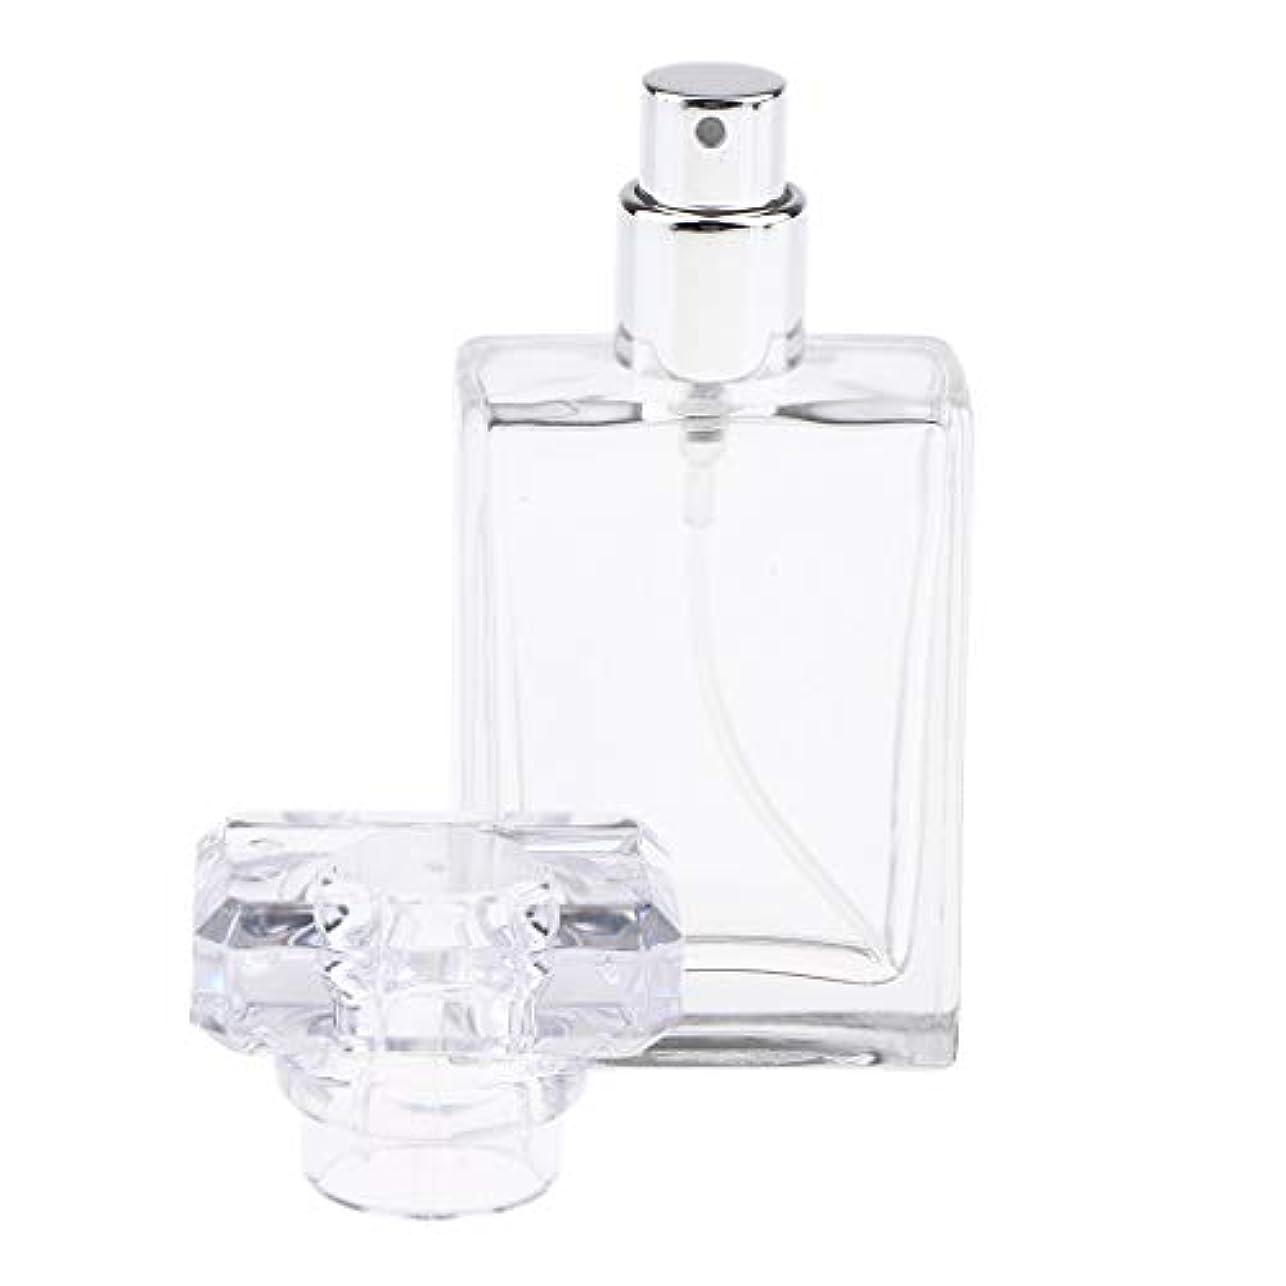 管理する翻訳オアシスCUTICATE 香水瓶 アロマボトル 香水 小分けボトル ガラス製ボトル 30ミリリットル 全2色選択 - クリア